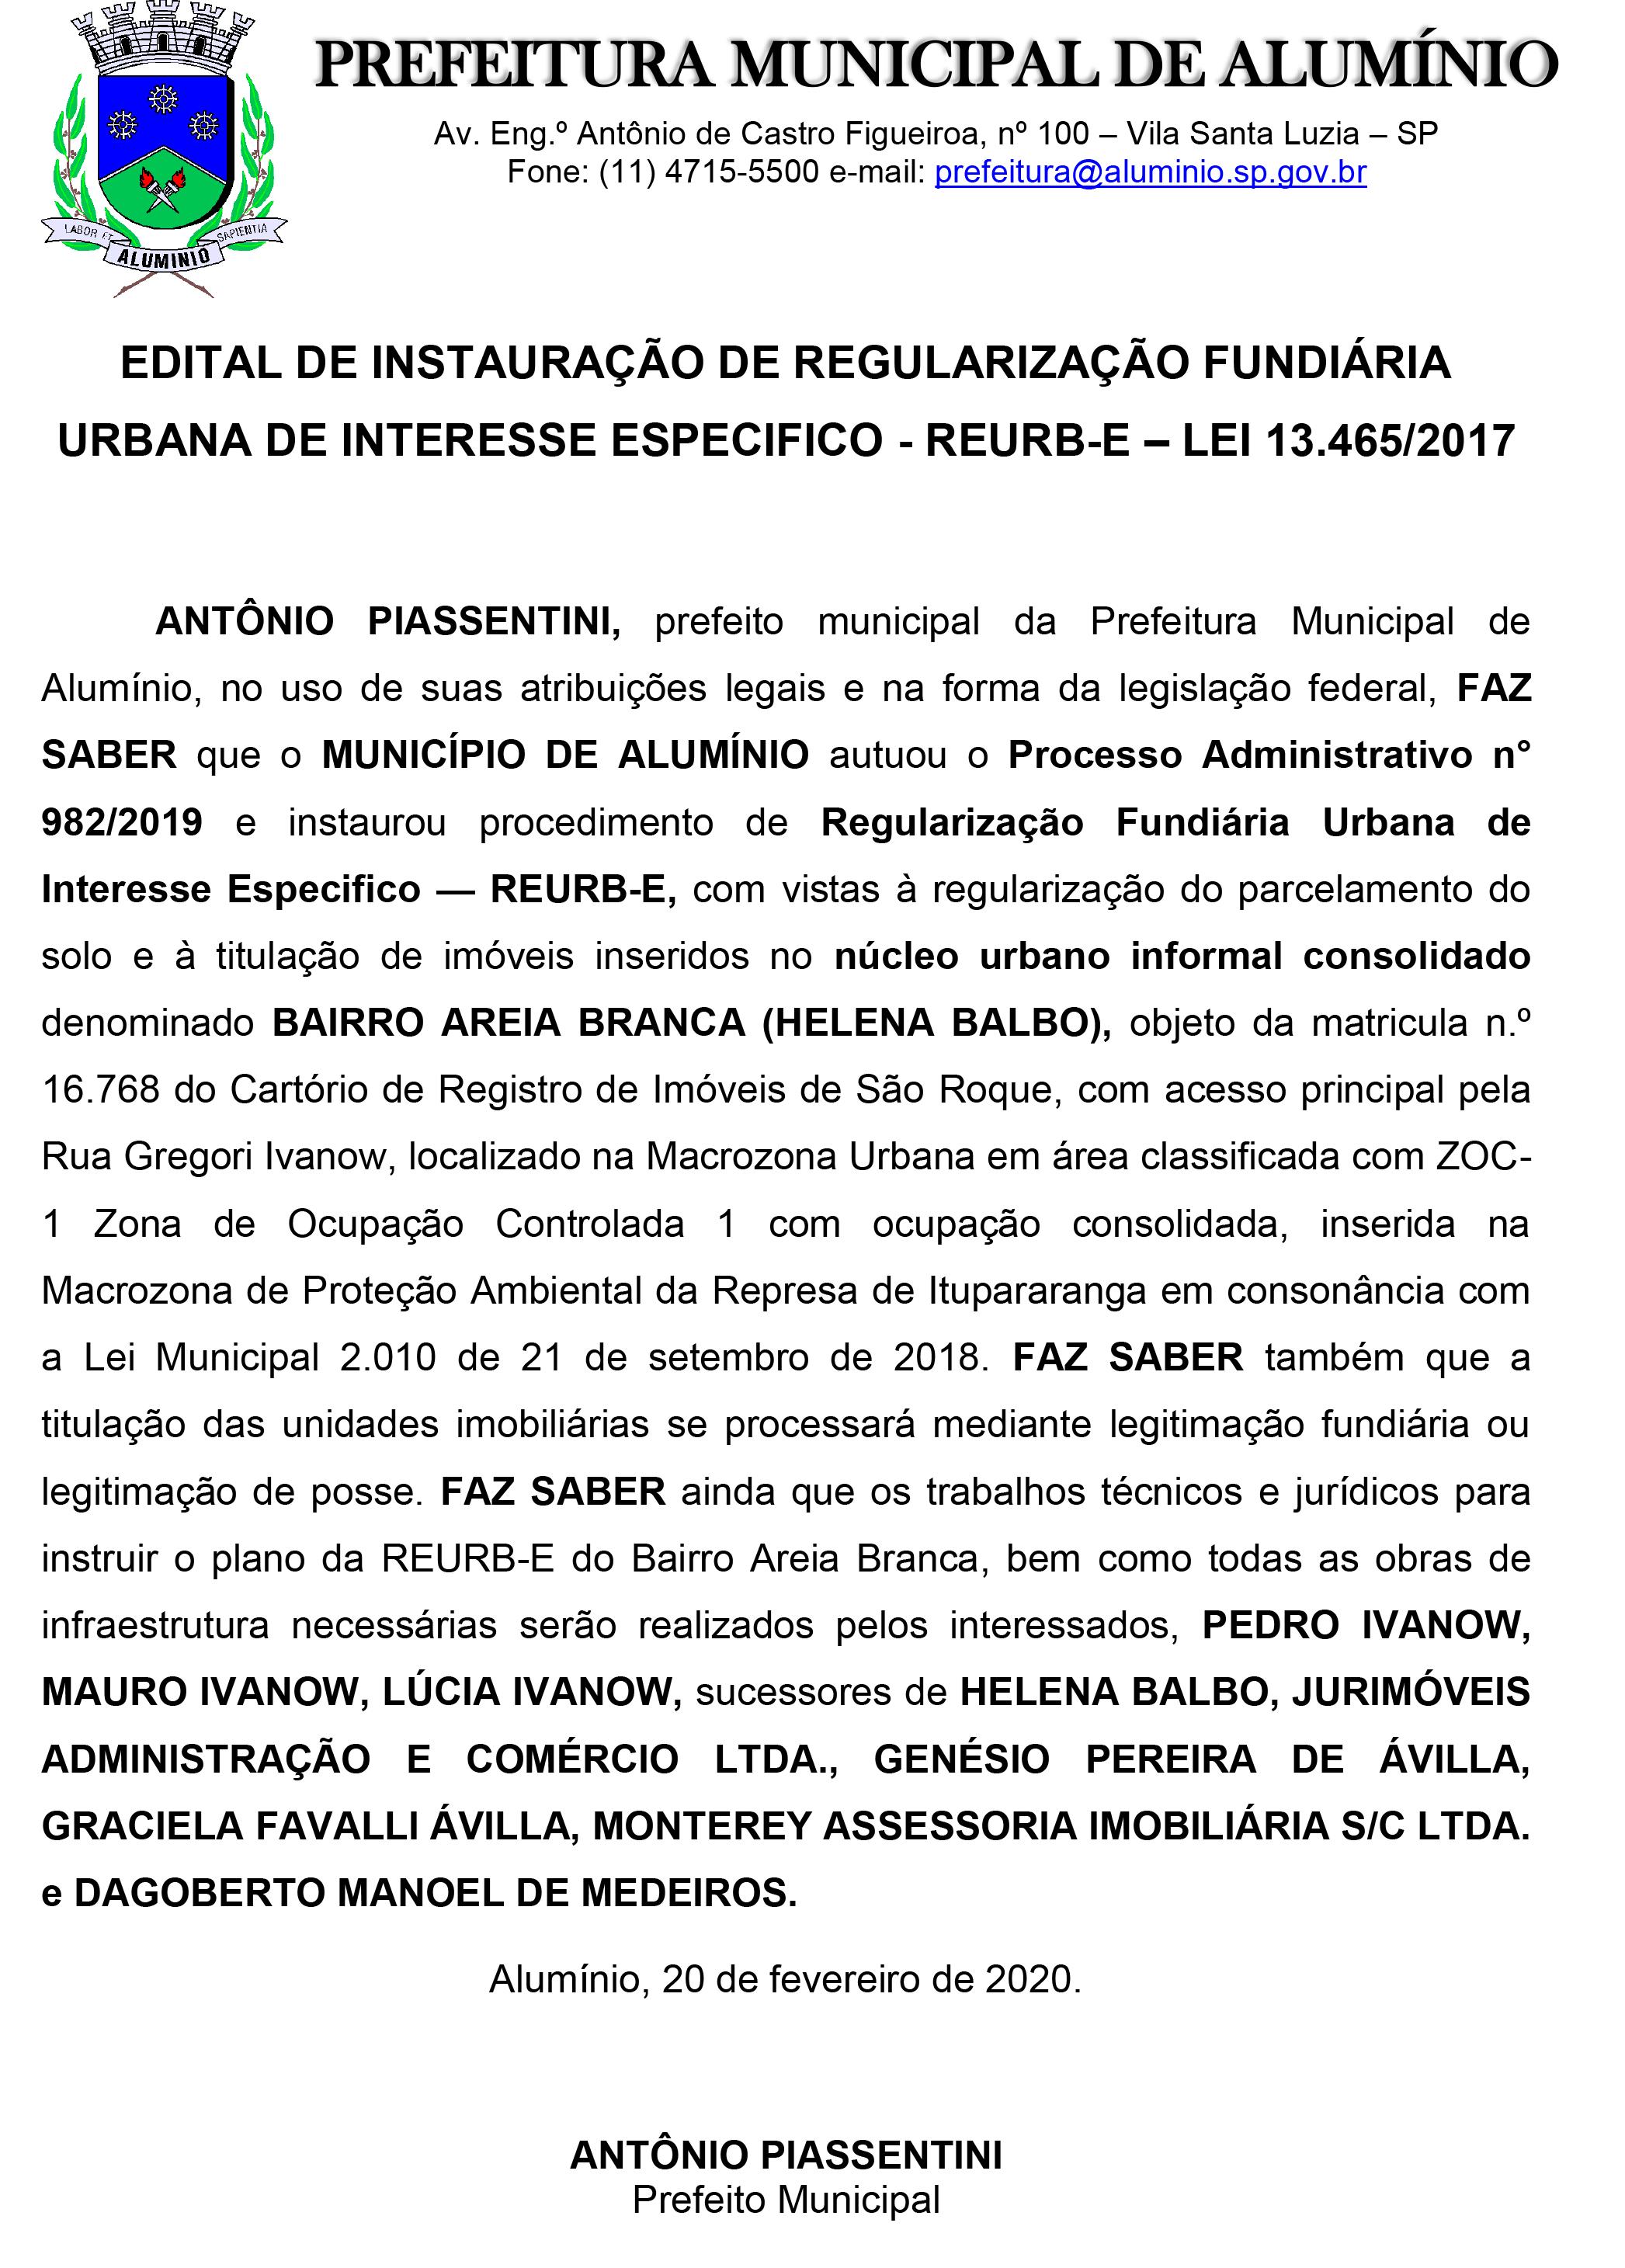 EDITAL DE INSTAURAÇÃO DE PROCESSO DE REGULARIZAÇÃO FUNDIÁRIA